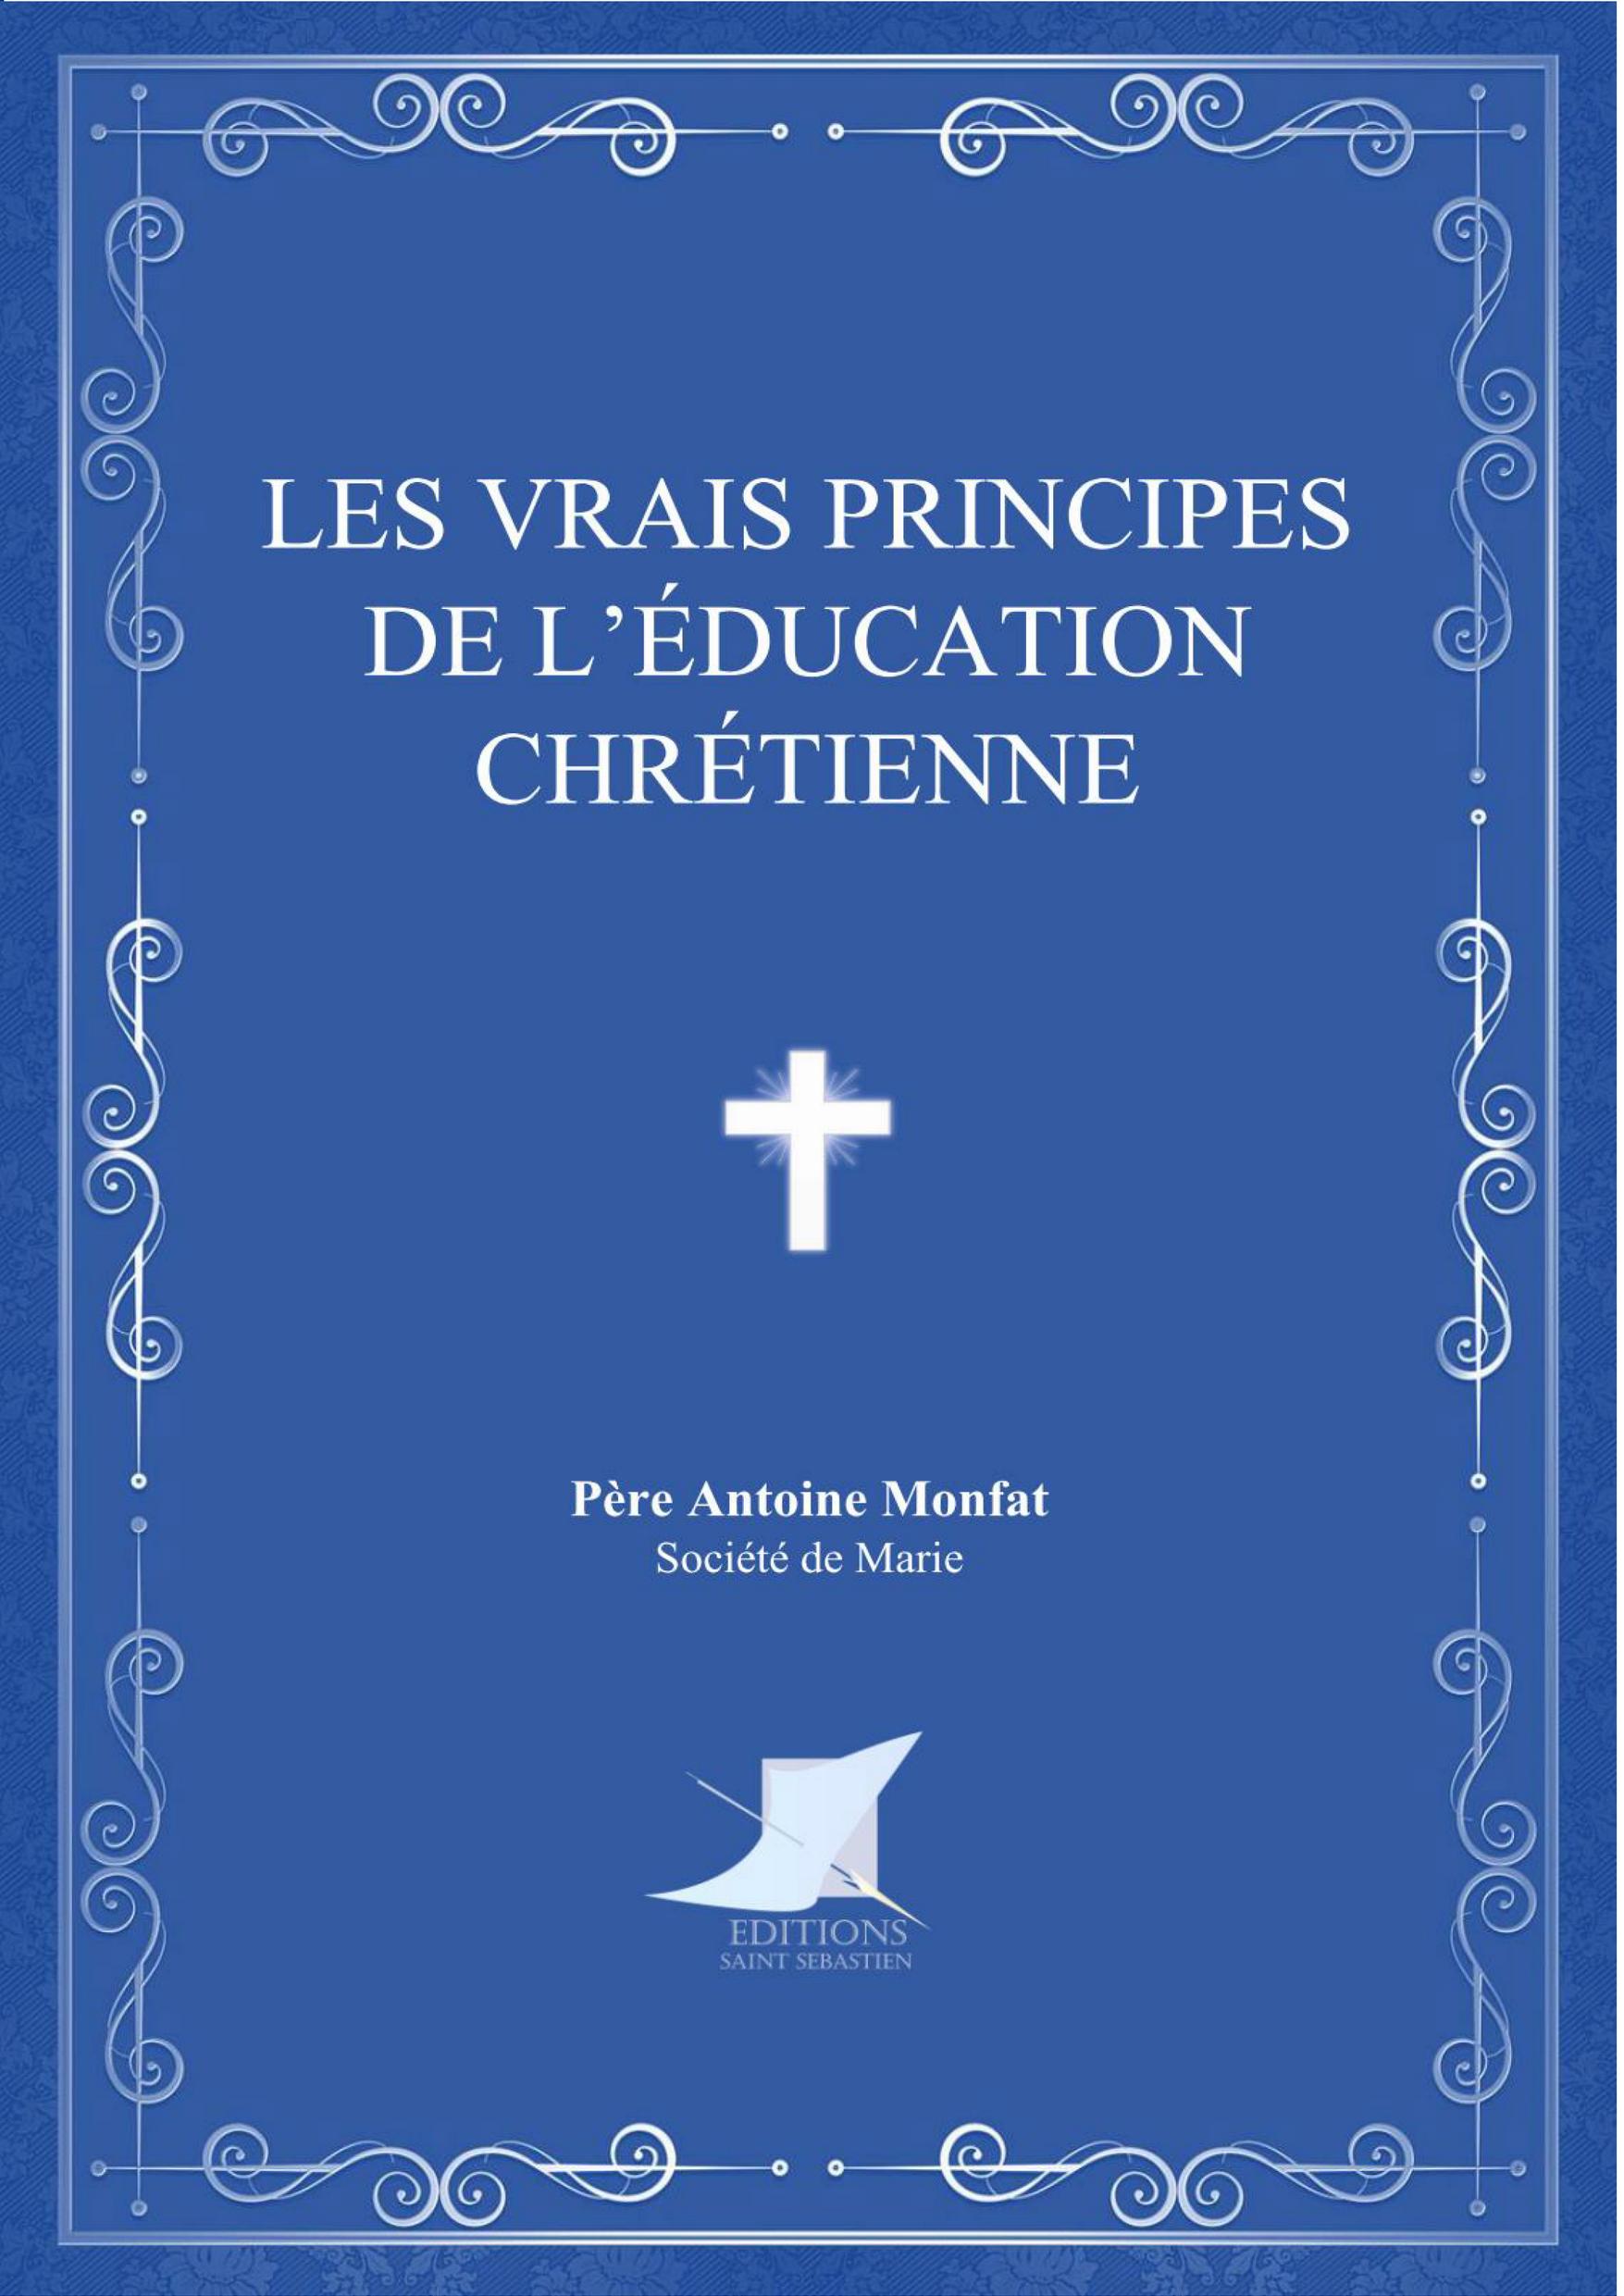 Principes de l'éducation chrétienne